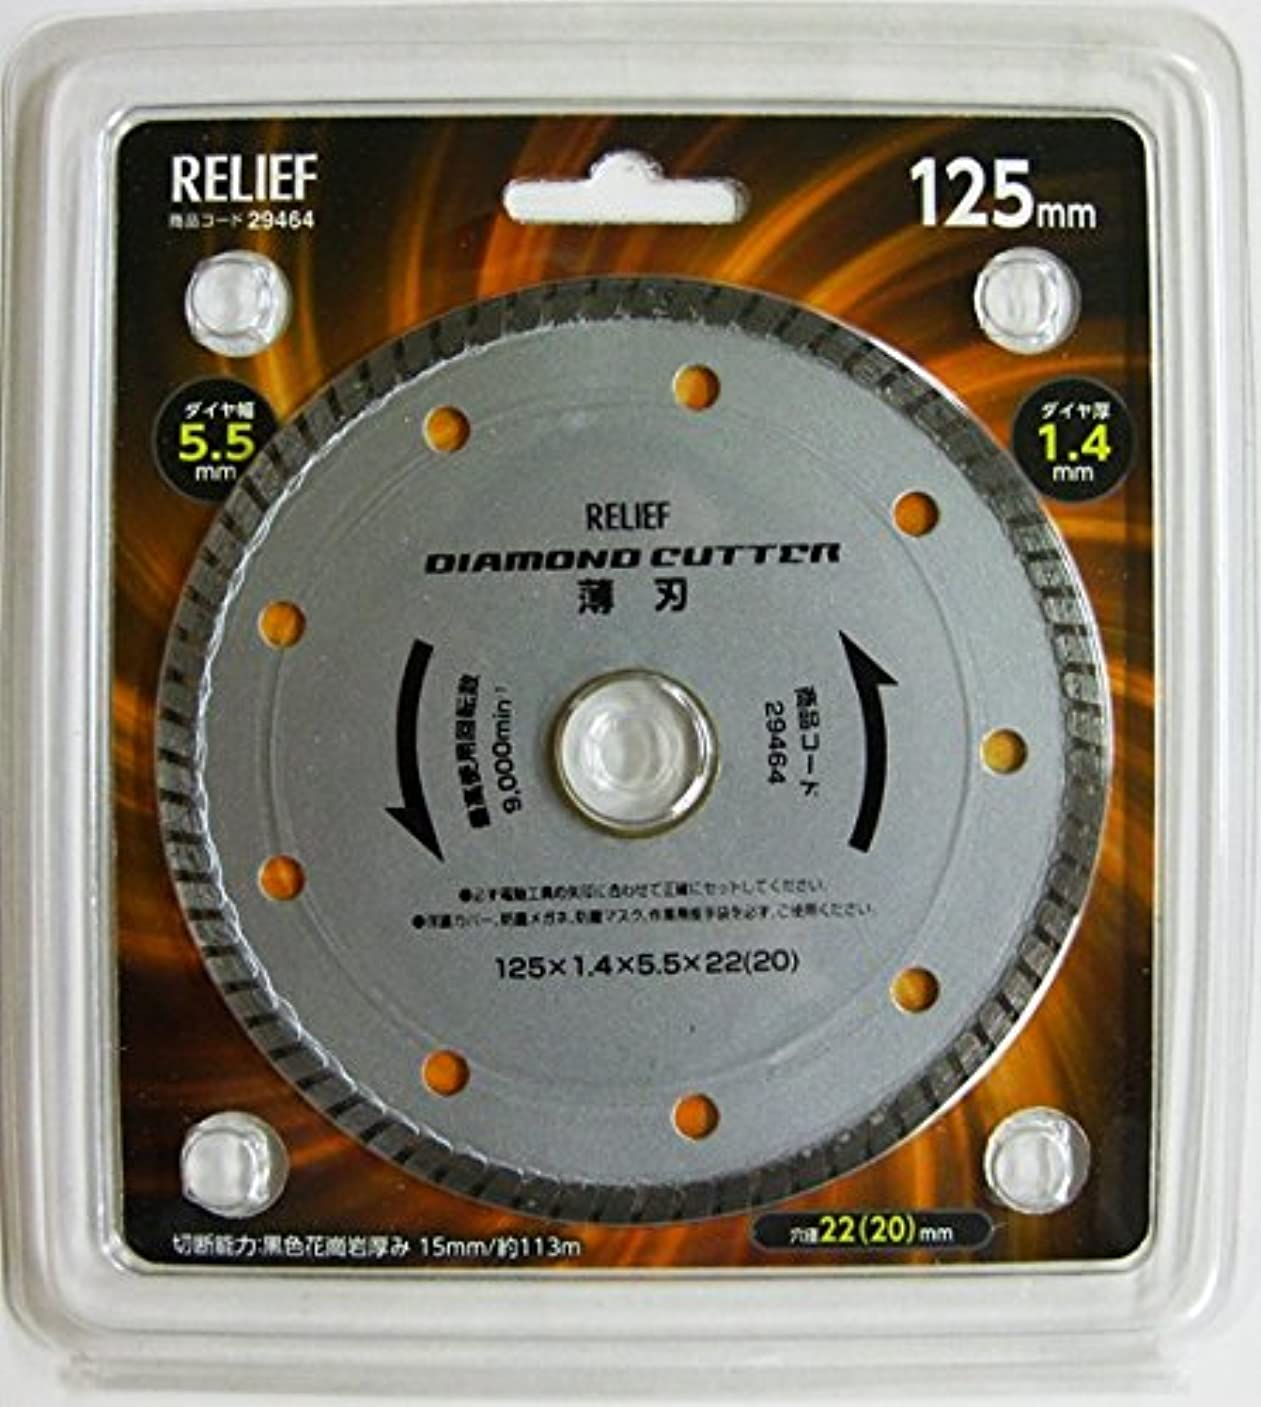 続編悲しい二層リリーフ(RELIEF) 薄型ダイヤモンドカッター 125mm ウェーブタイプ 29464